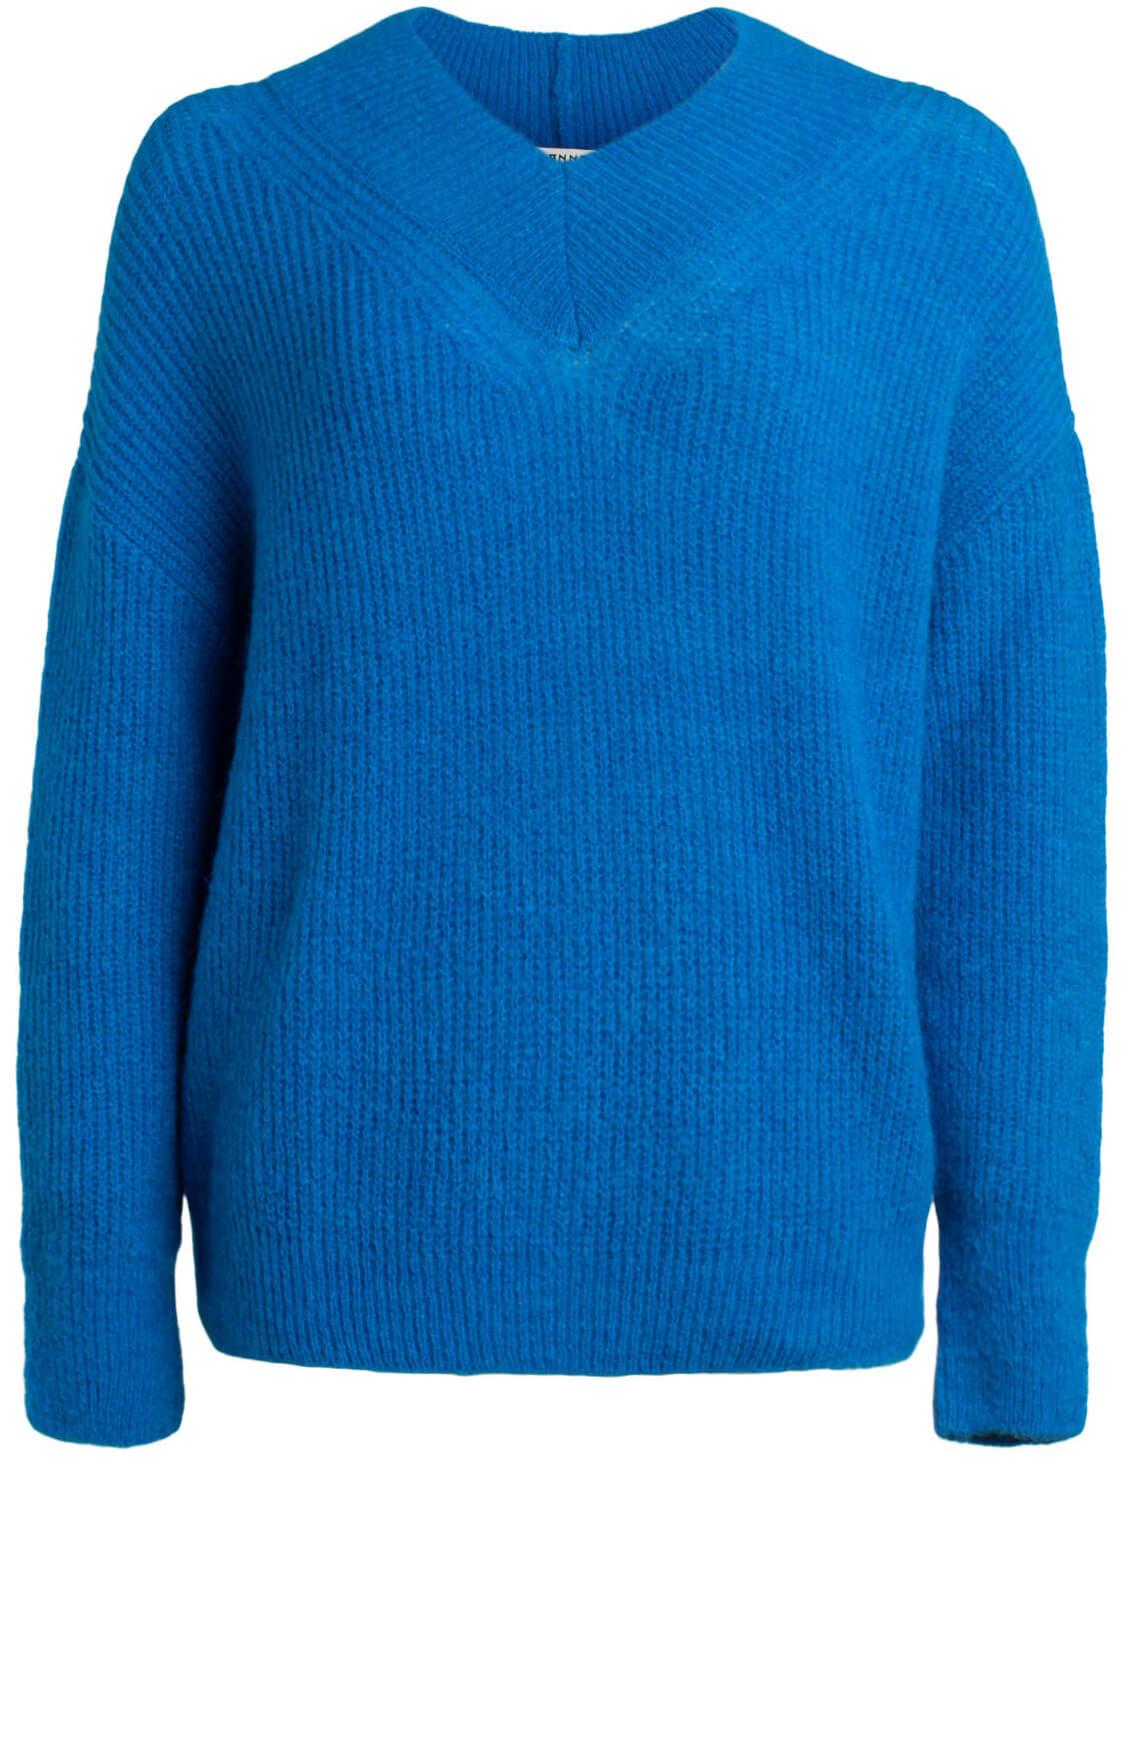 Anna Dames Gebreide pullover met v-hals Blauw